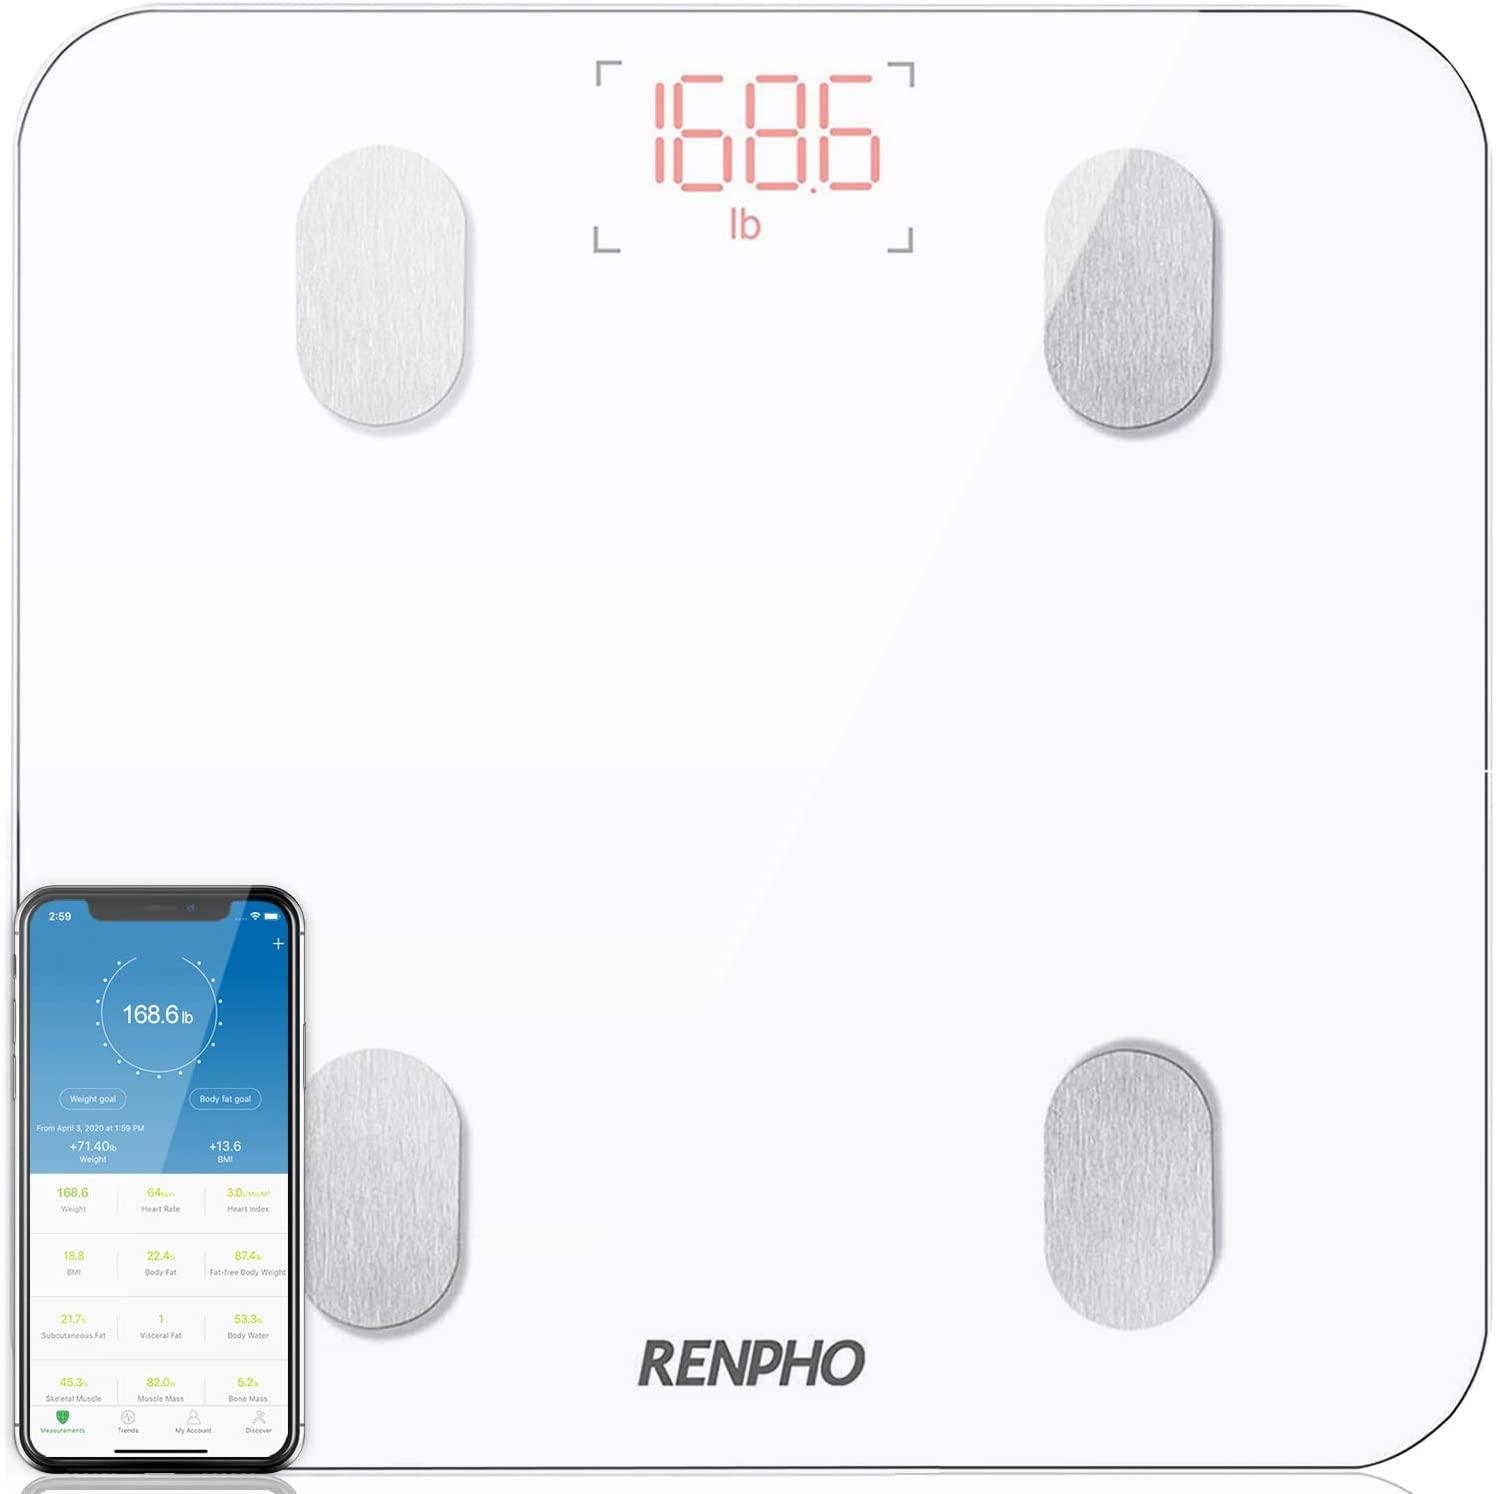 Impédancemètre - Renhpo connecté